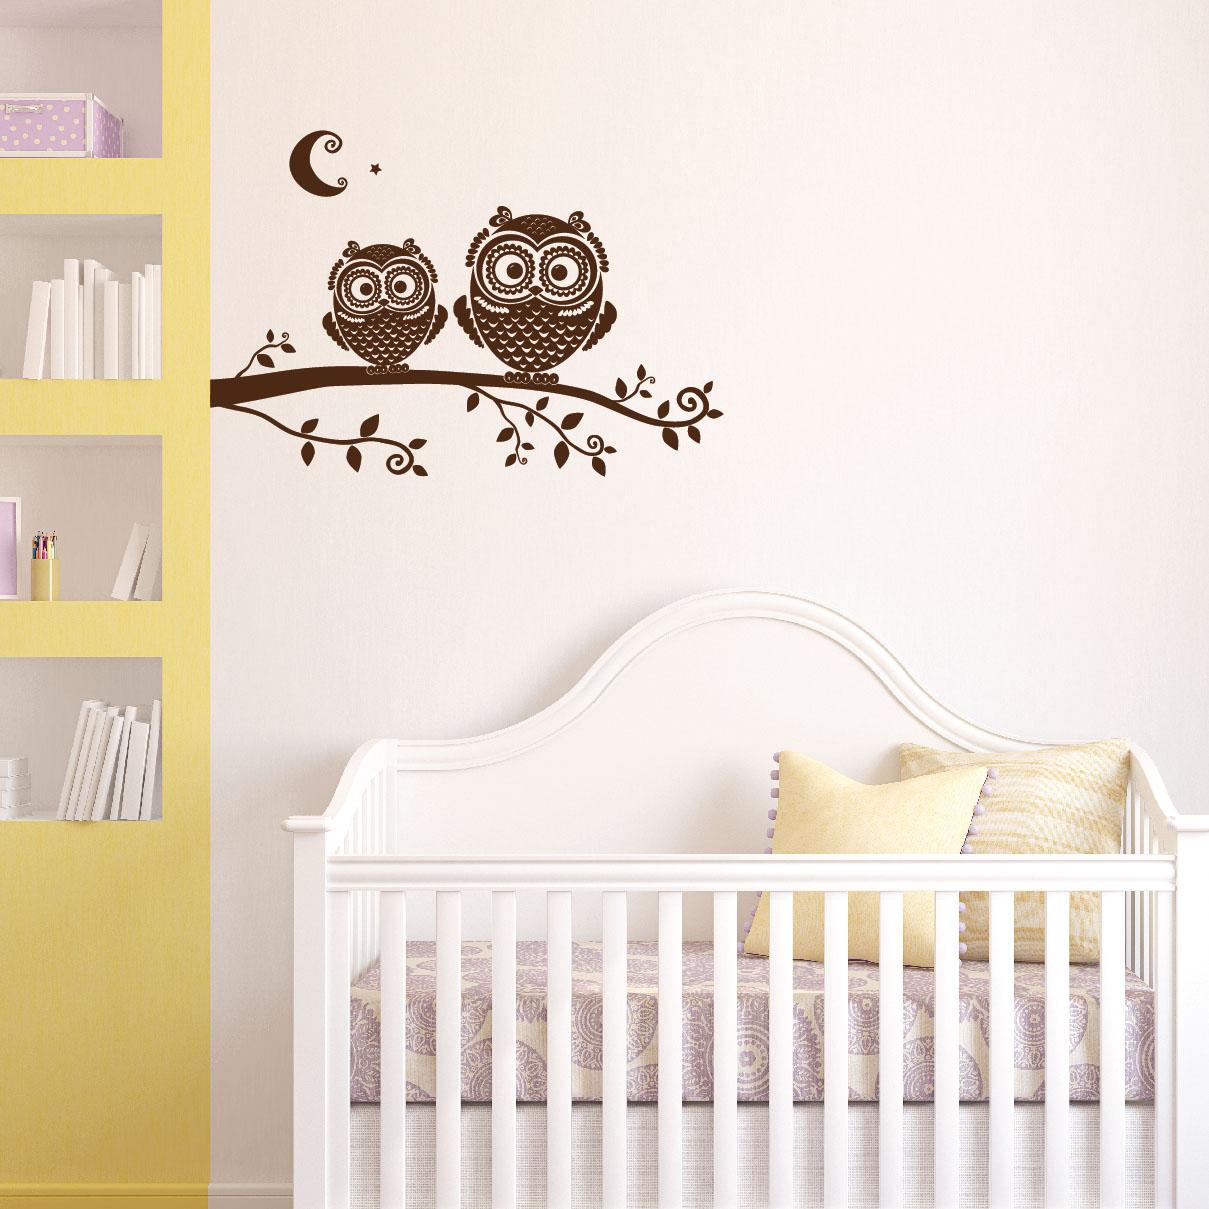 1278-owl-branch-decal-nursery-brown.jpg